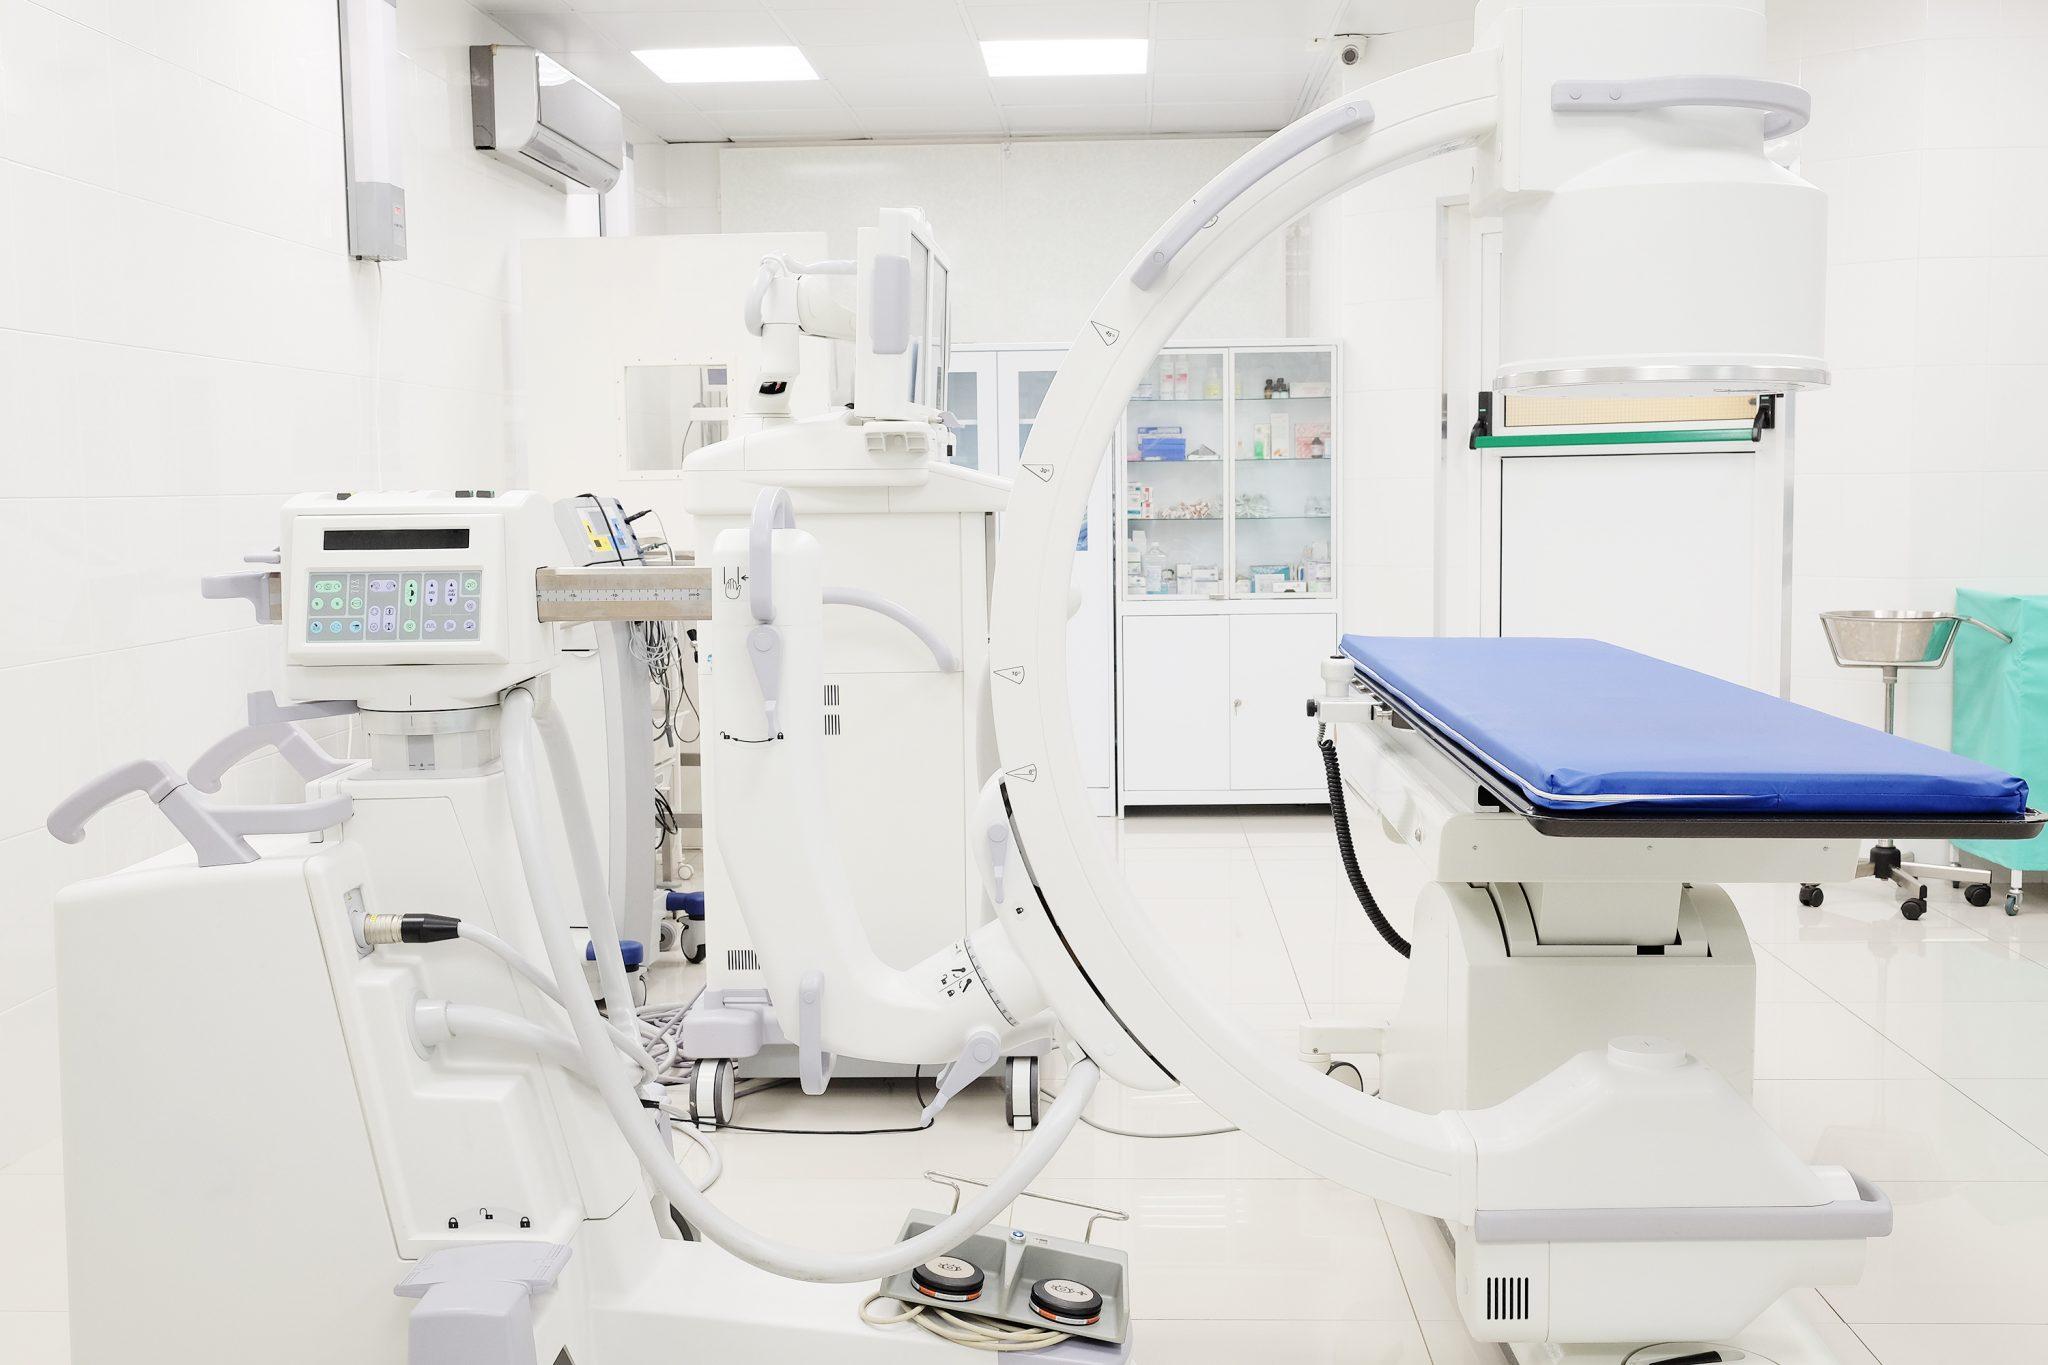 Thủ tục đăng ký lưu hành trang thiết bị y tế sản xuất trong nước